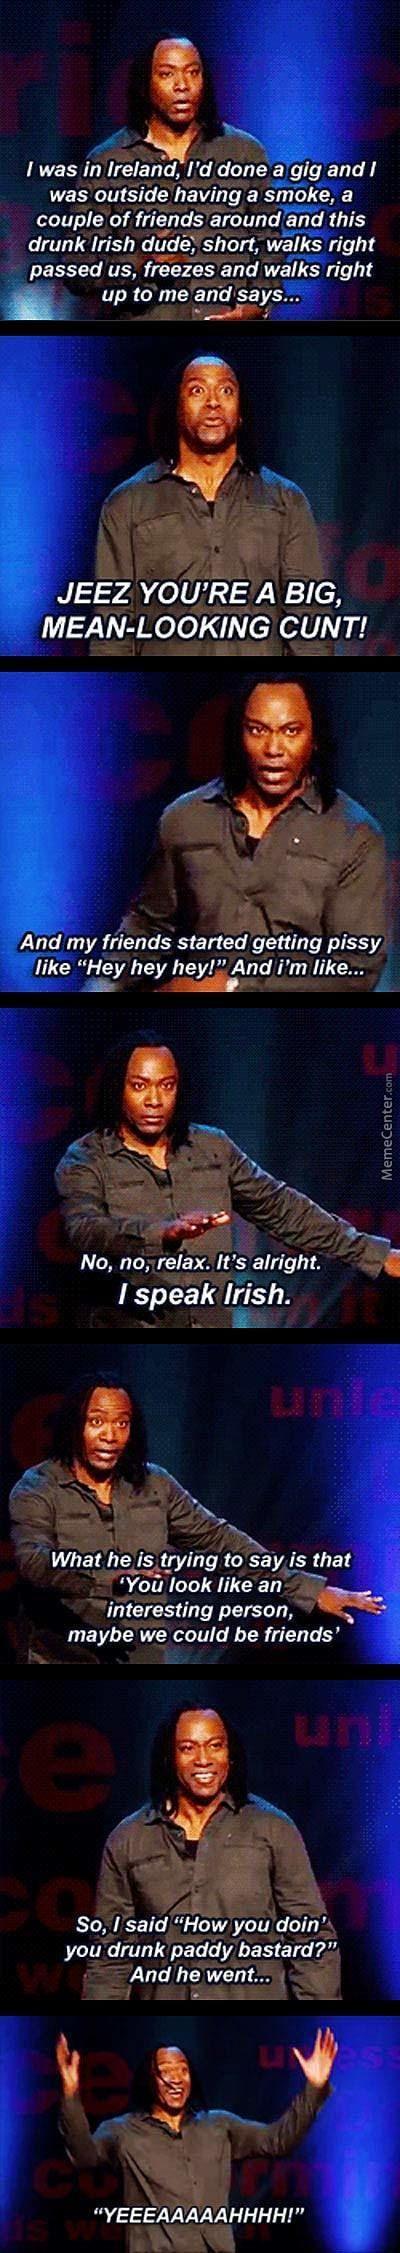 He speaks Irish